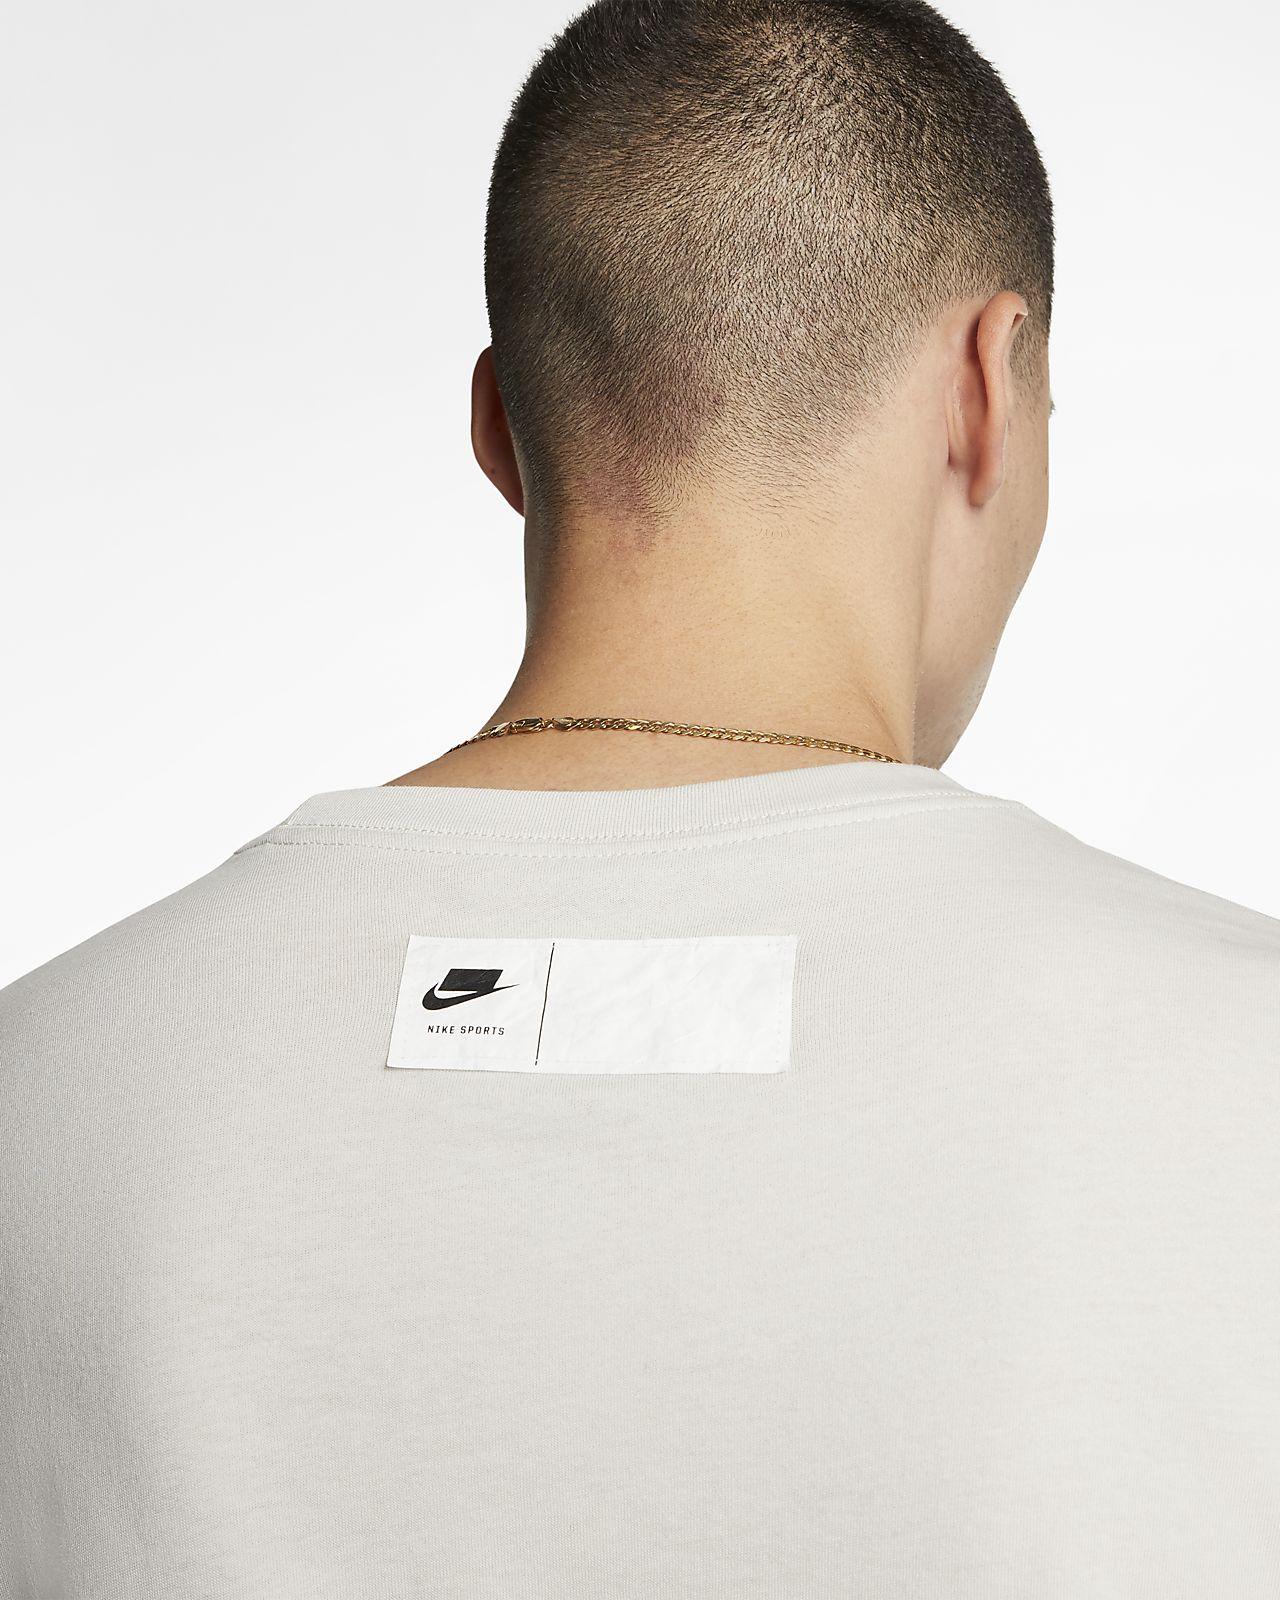 Nike Sportswear NSW Langarm T Shirt für Herren